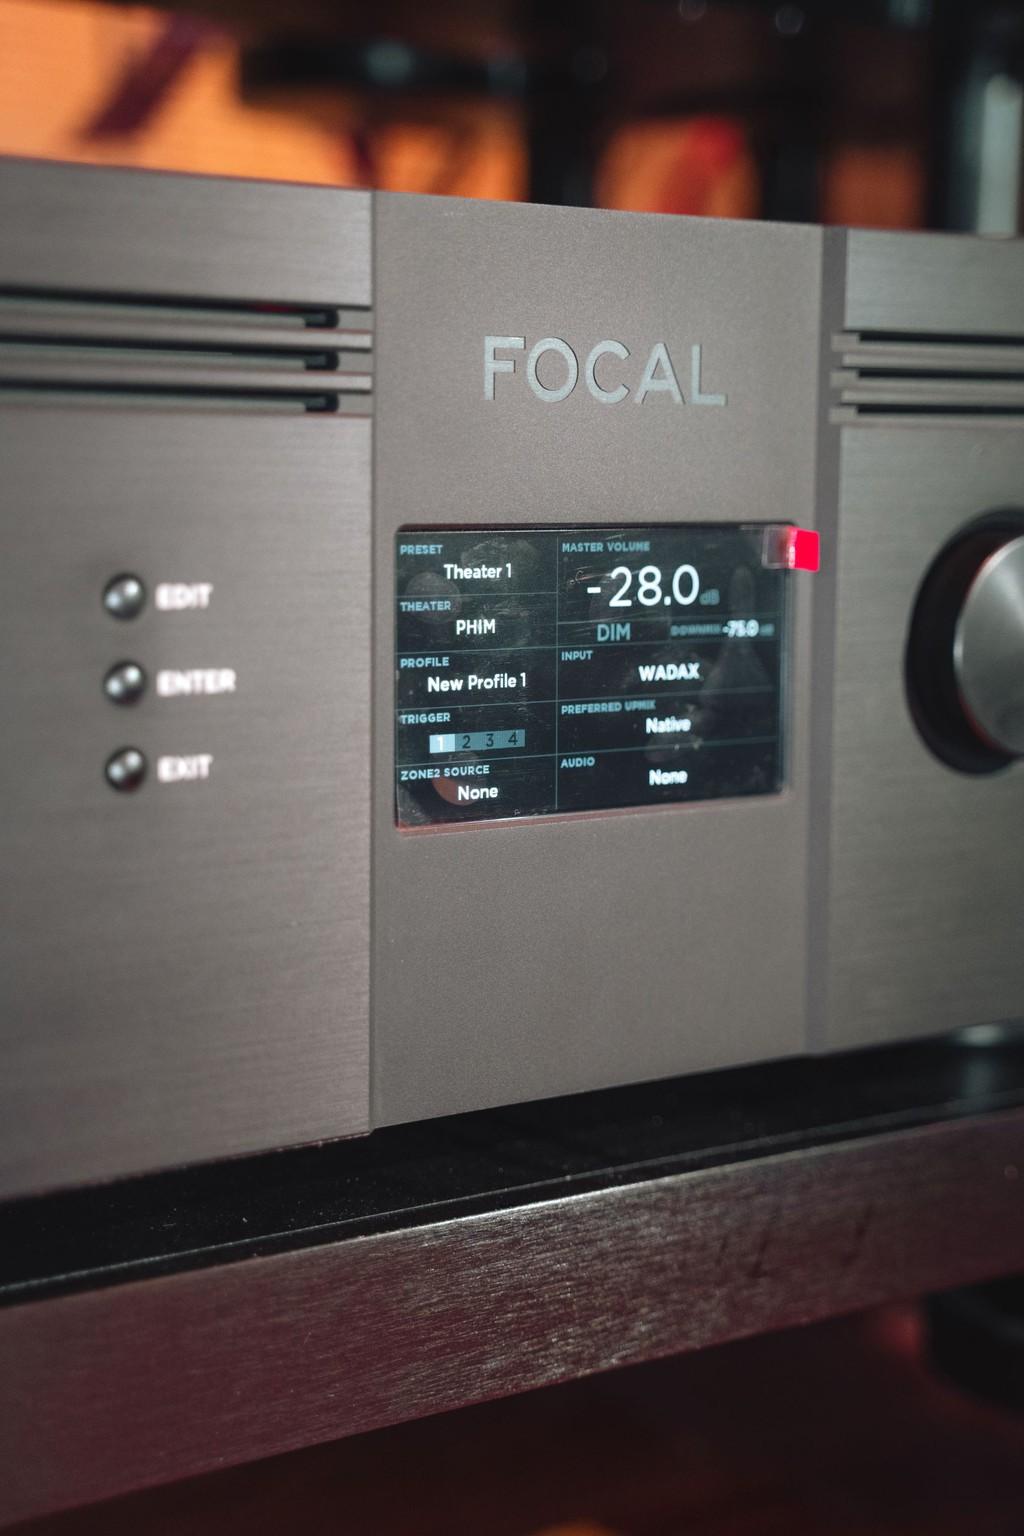 Astral 16 - Bất ngờ ampli xem phim xuất sắc đến từ hãng loa Focal ảnh 6